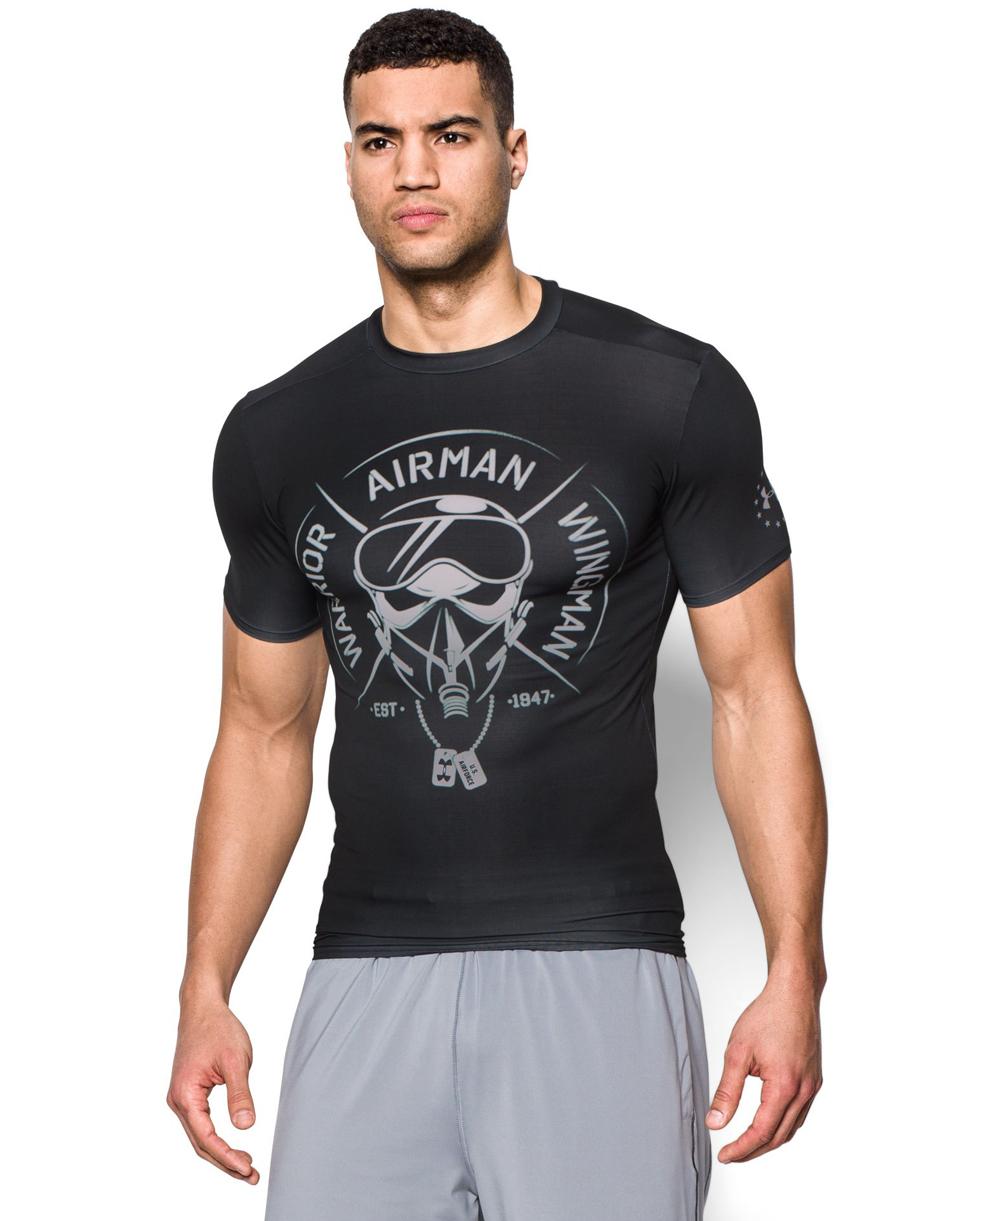 Variedad escotilla Convencional  Under Armour Freedom Air Force Camiseta de Compresión Manga Corta p...